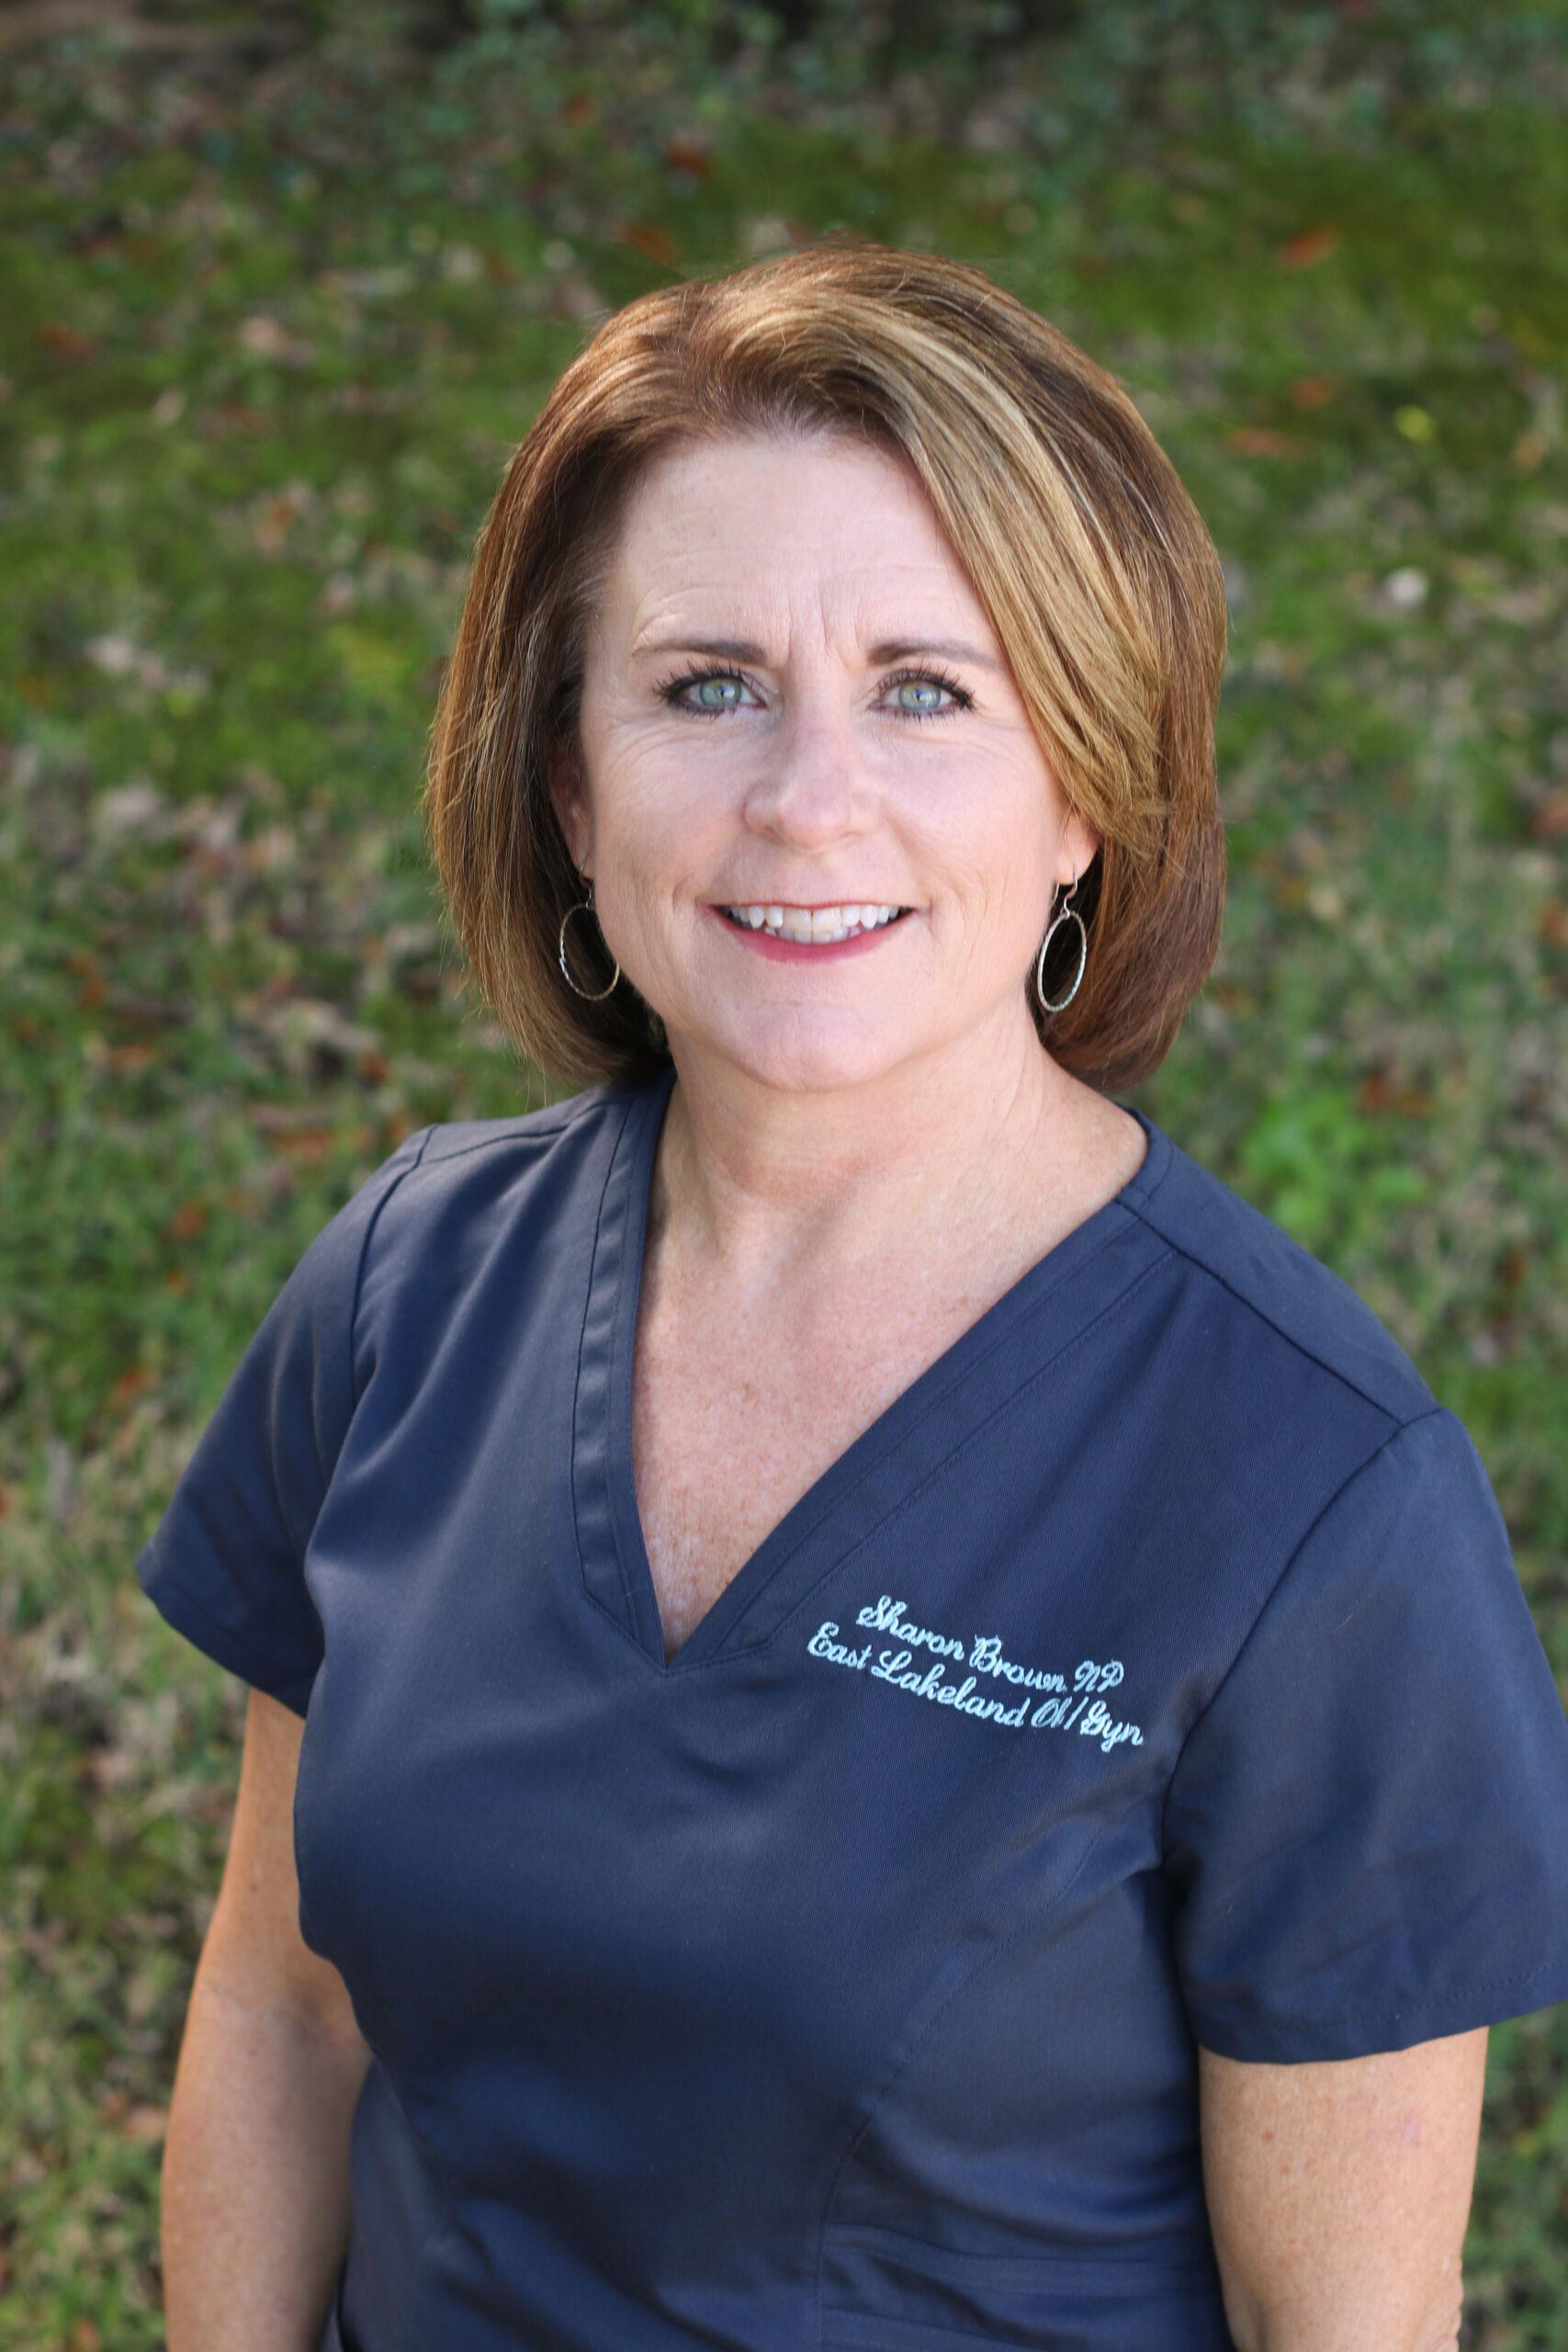 Sharon K. Brown, CFNP - Flowood & Jackson OB/GYN Nurse Practitioner